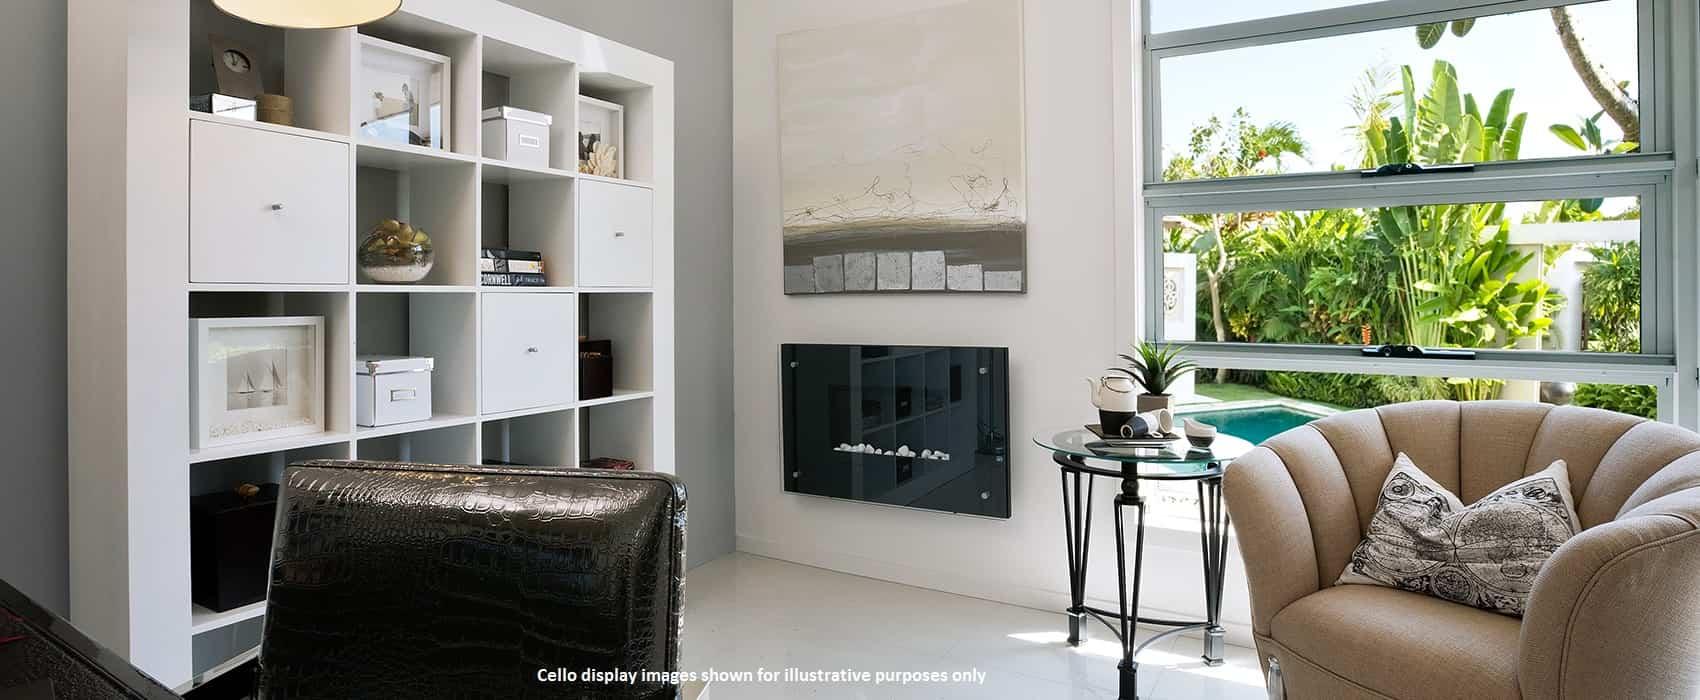 ss-cellogr_2 Interior